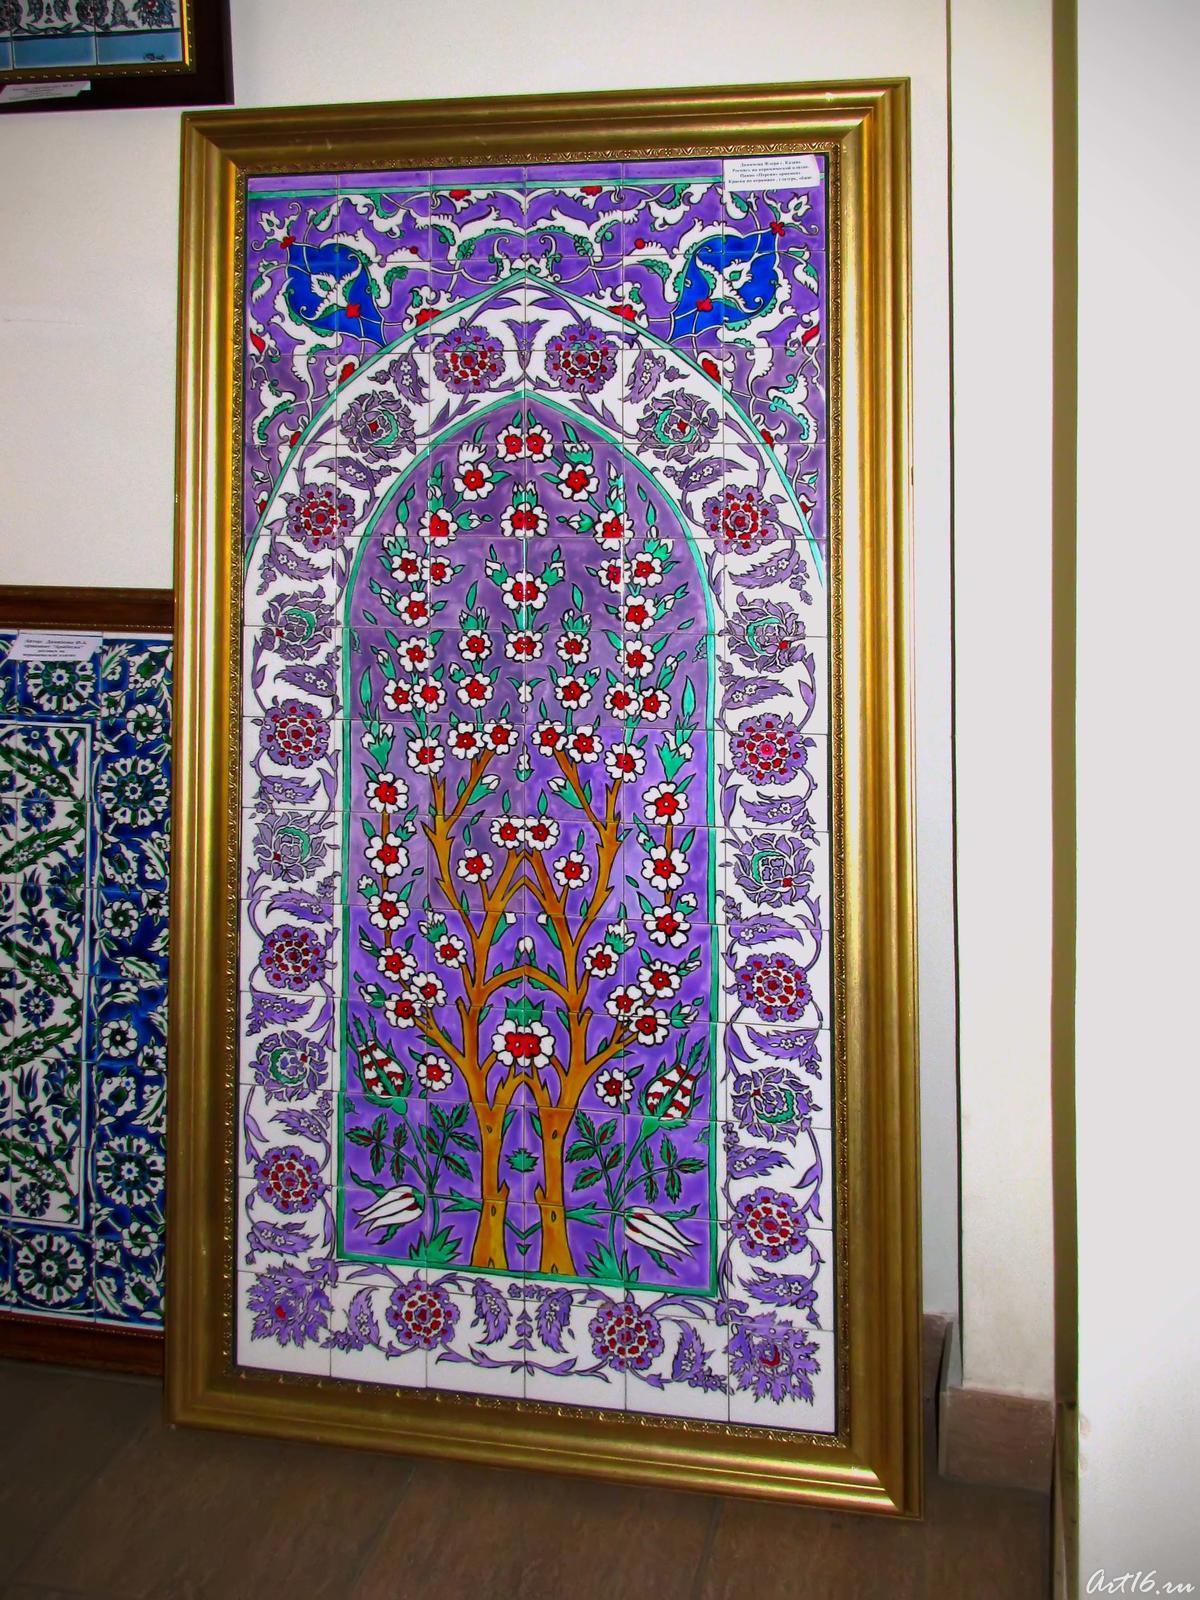 Фото №53637. ''Персия'', орнамент. Роспись на керамической плитке